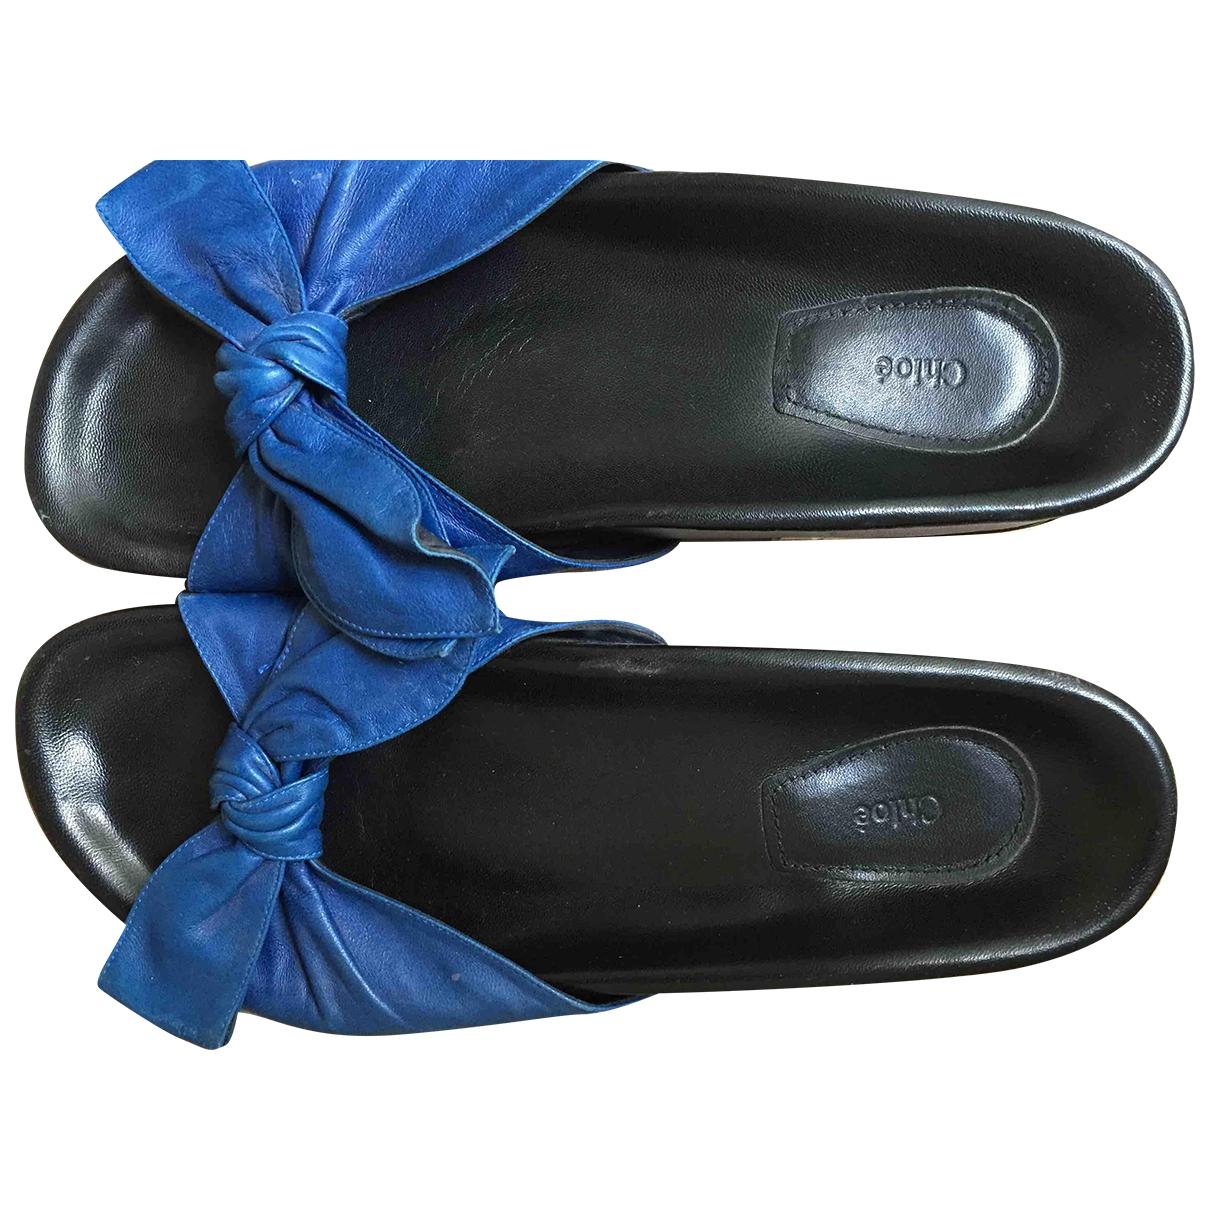 Chloe - Sandales   pour femme en cuir - bleu